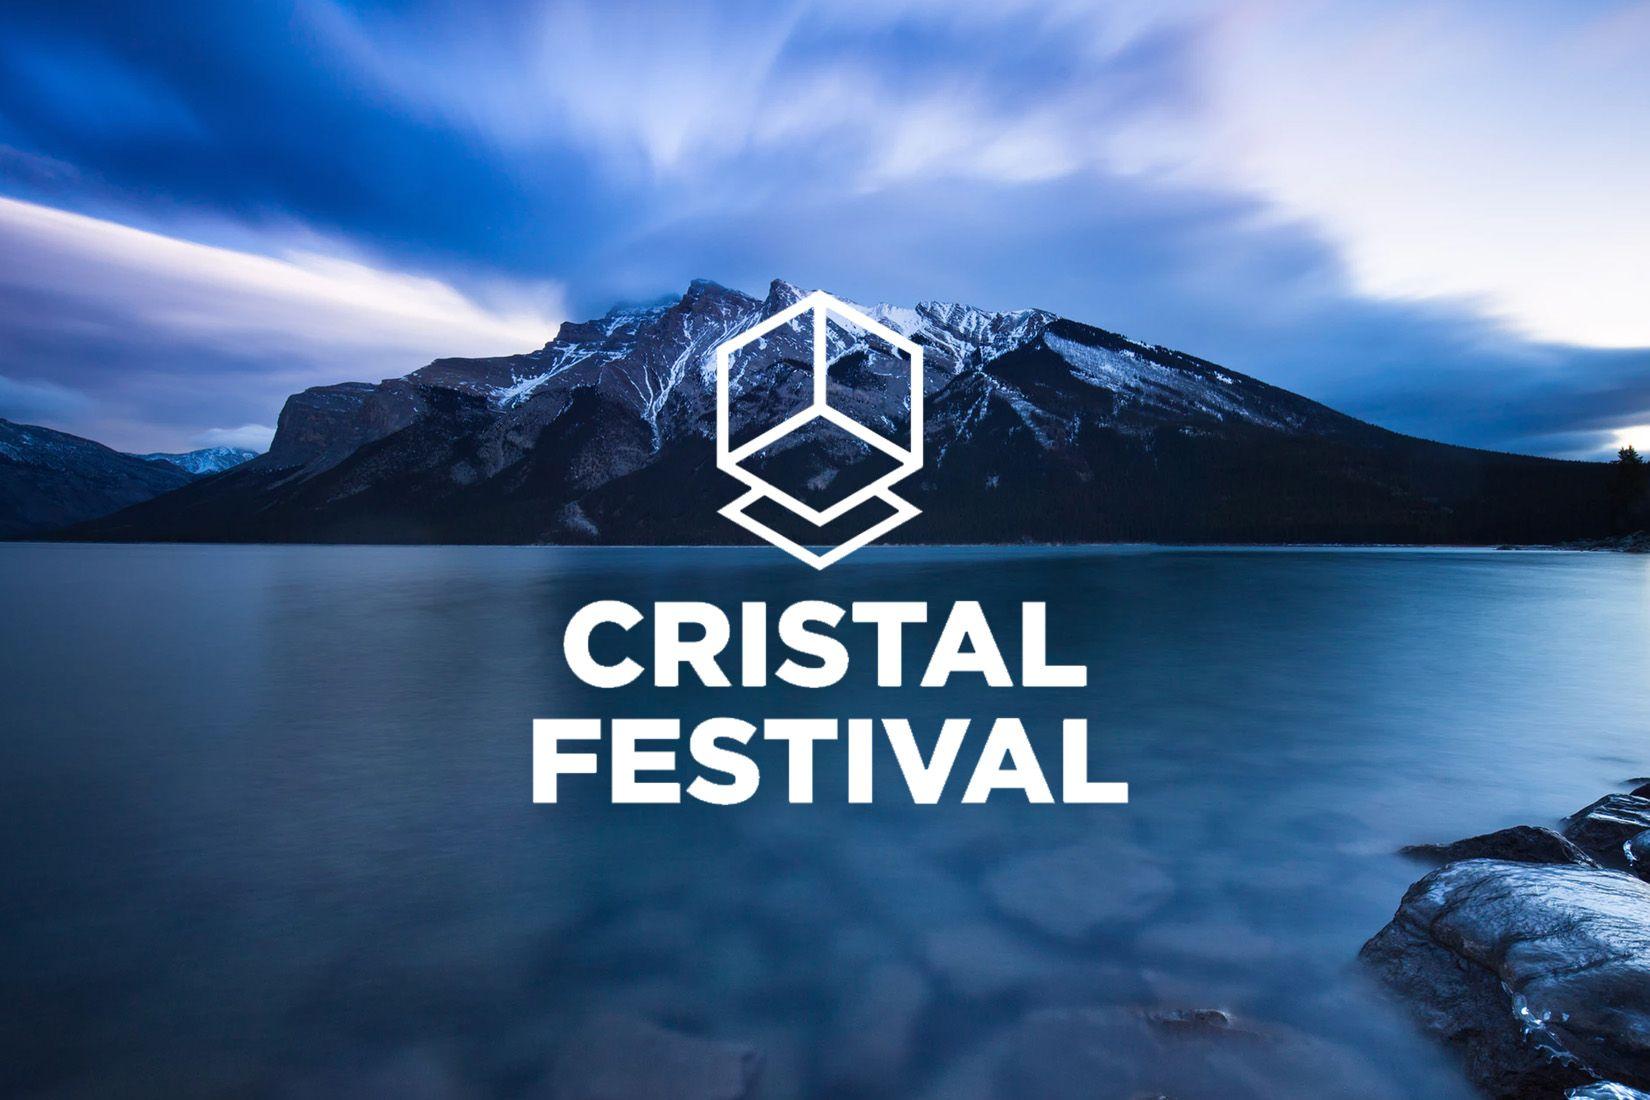 Logotype du Cristal Festival sur une image de lac avec une montagne en arrière plan